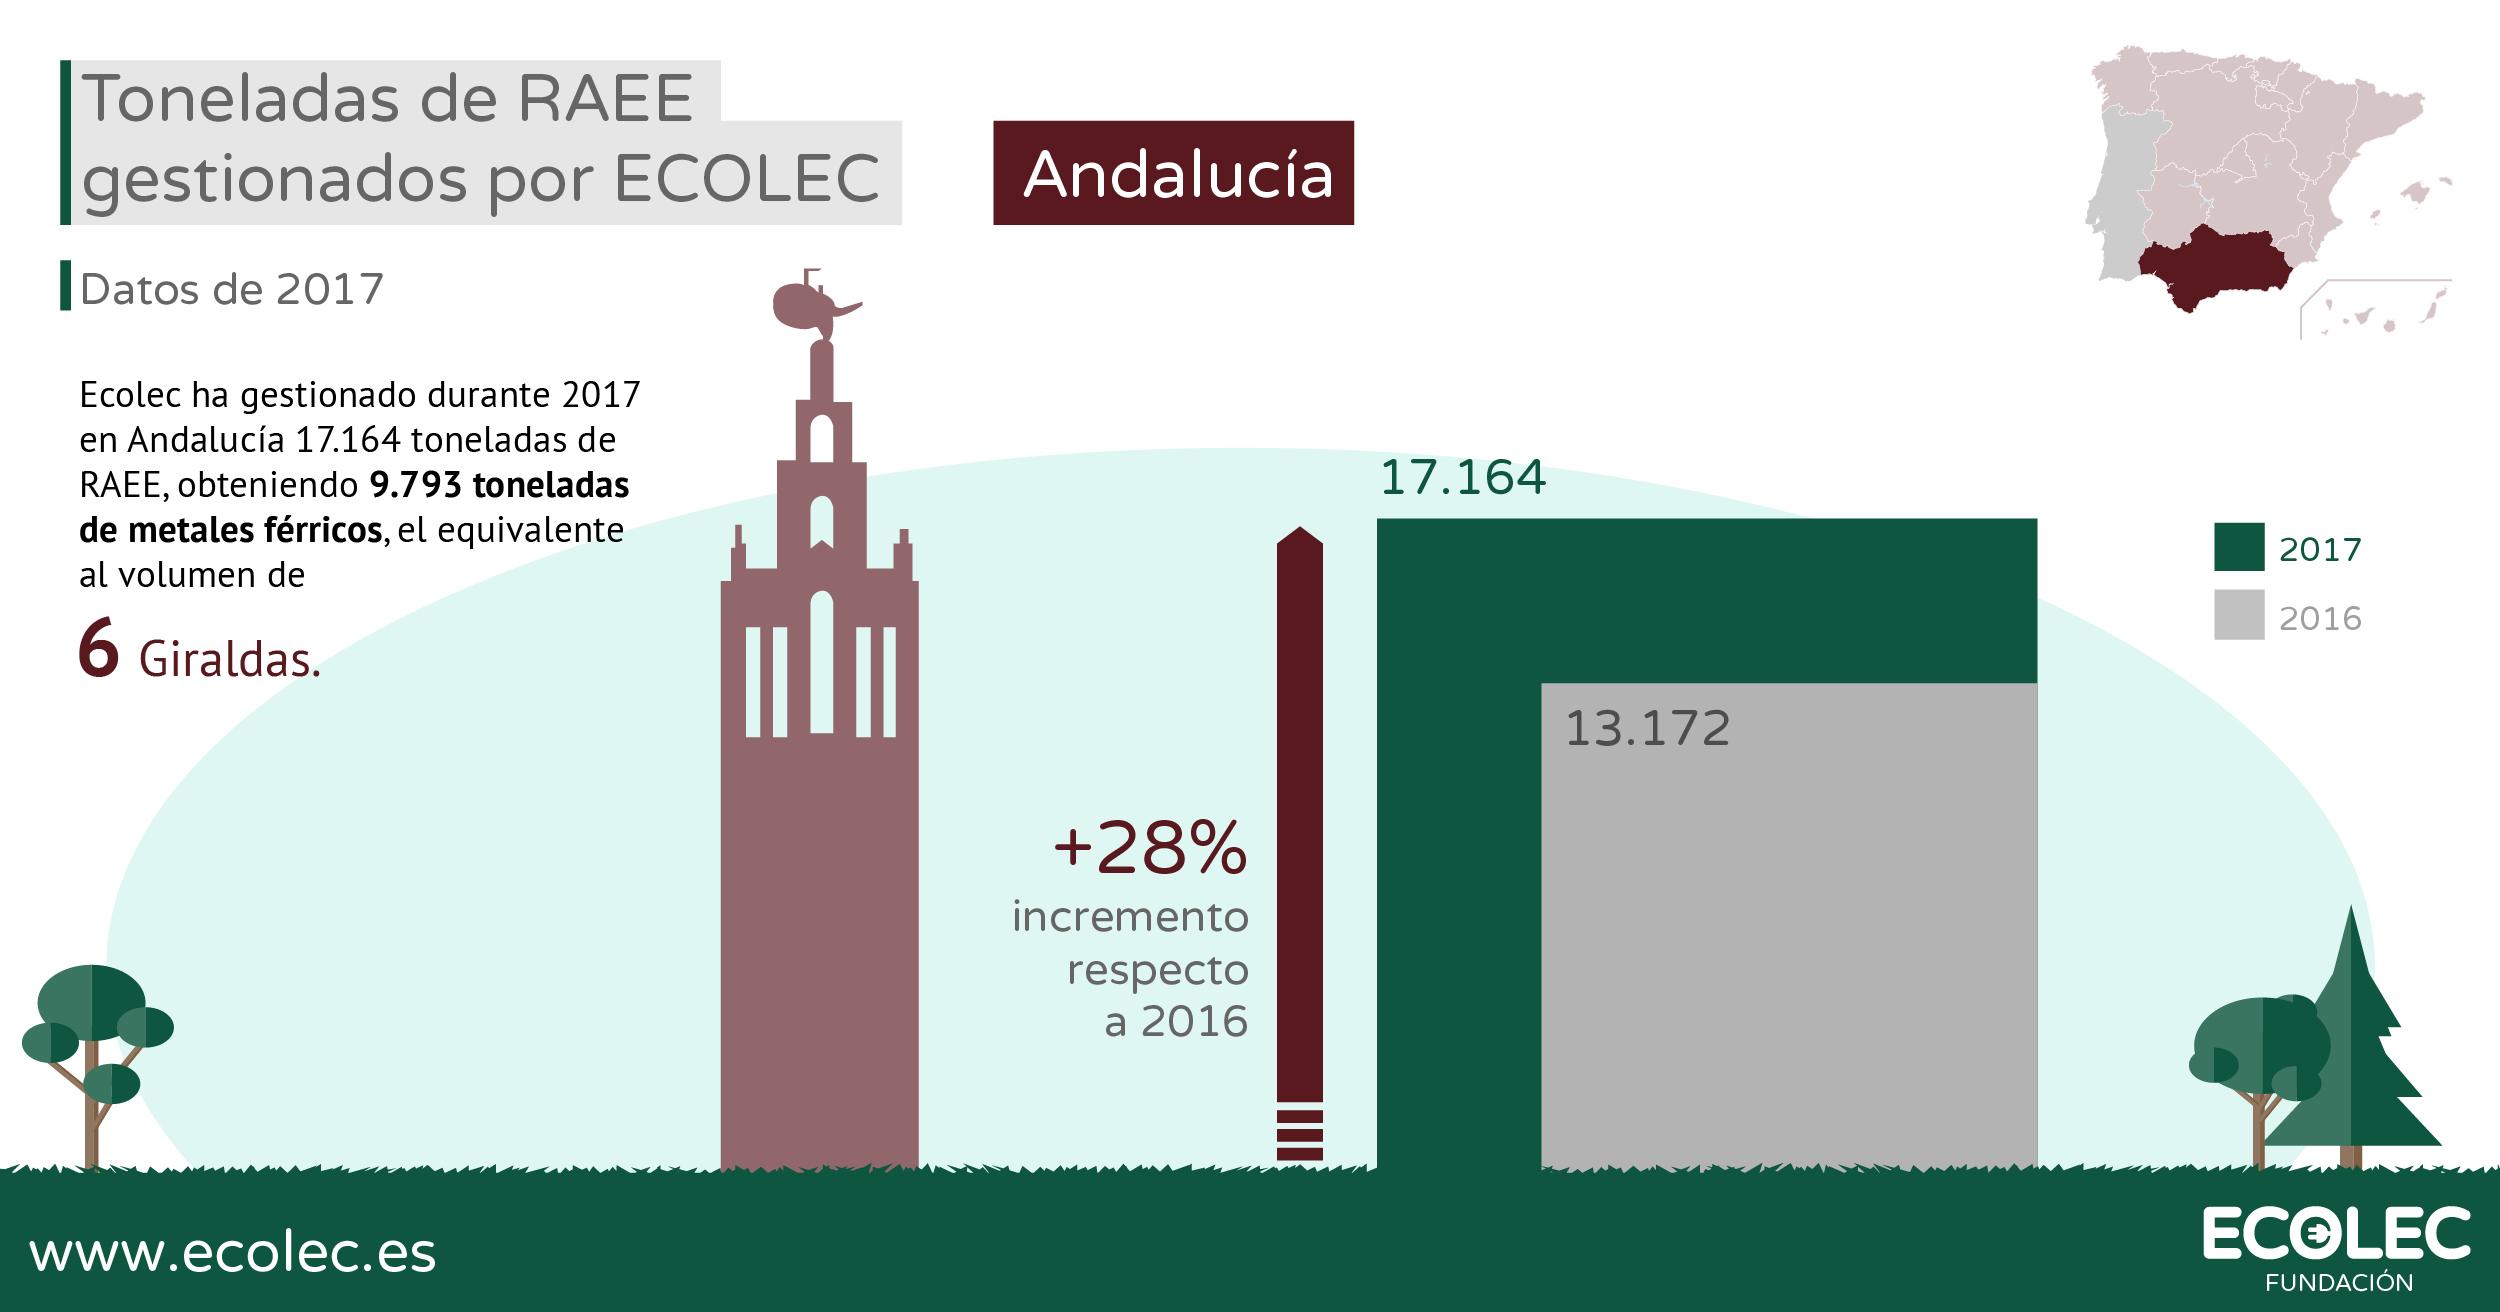 Ecolec gestión RAEE 2017 Andalucía